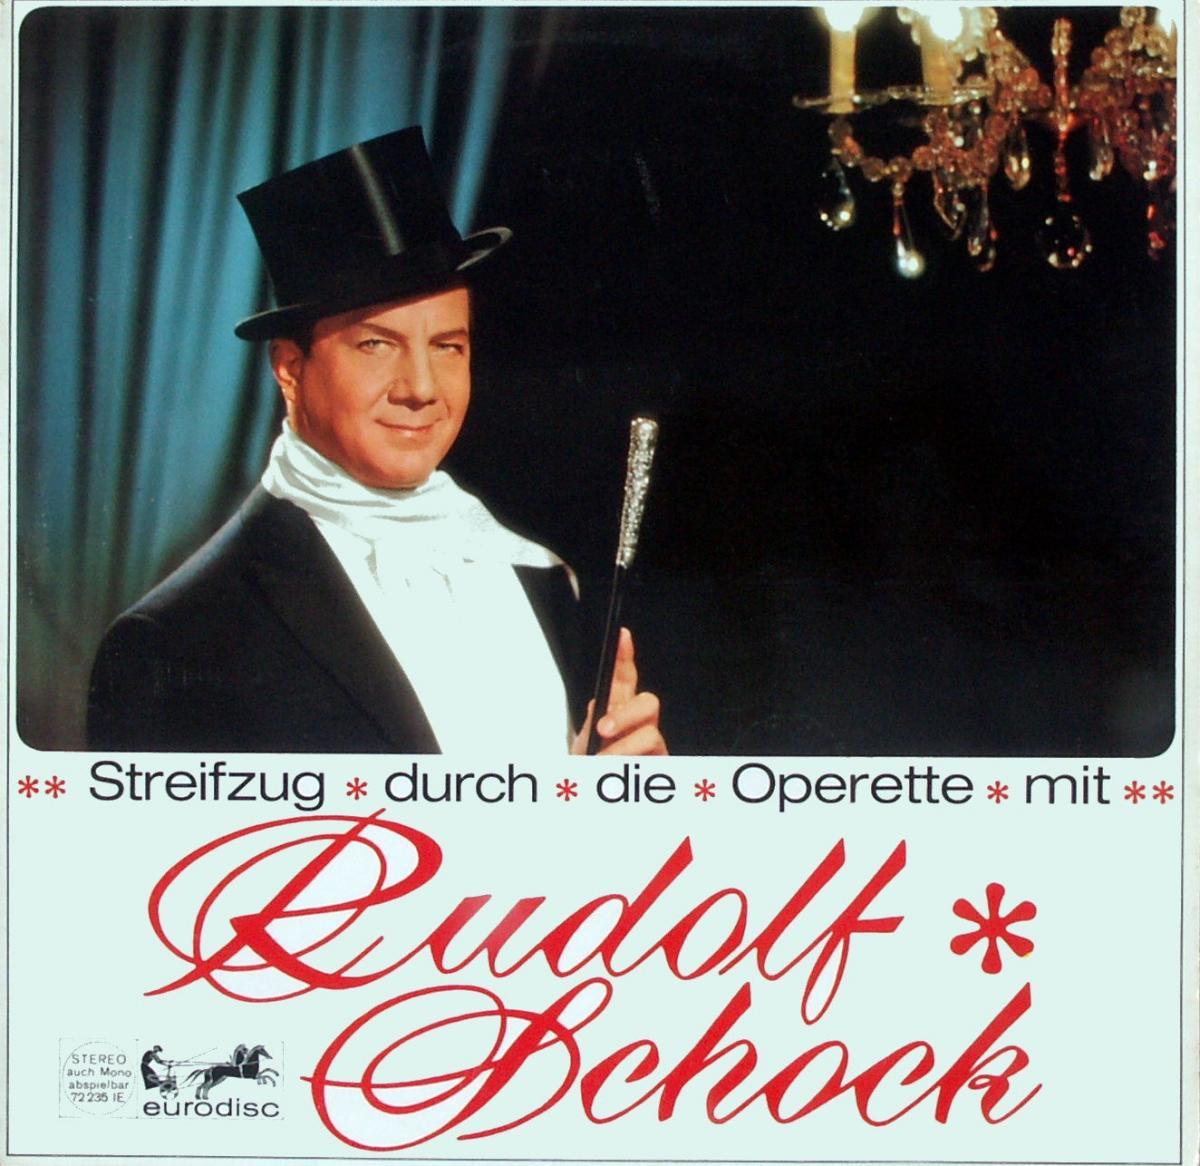 Schock, Rudolf - Streifzug Durch Die Operette Mit Rudolf Schock [LP]